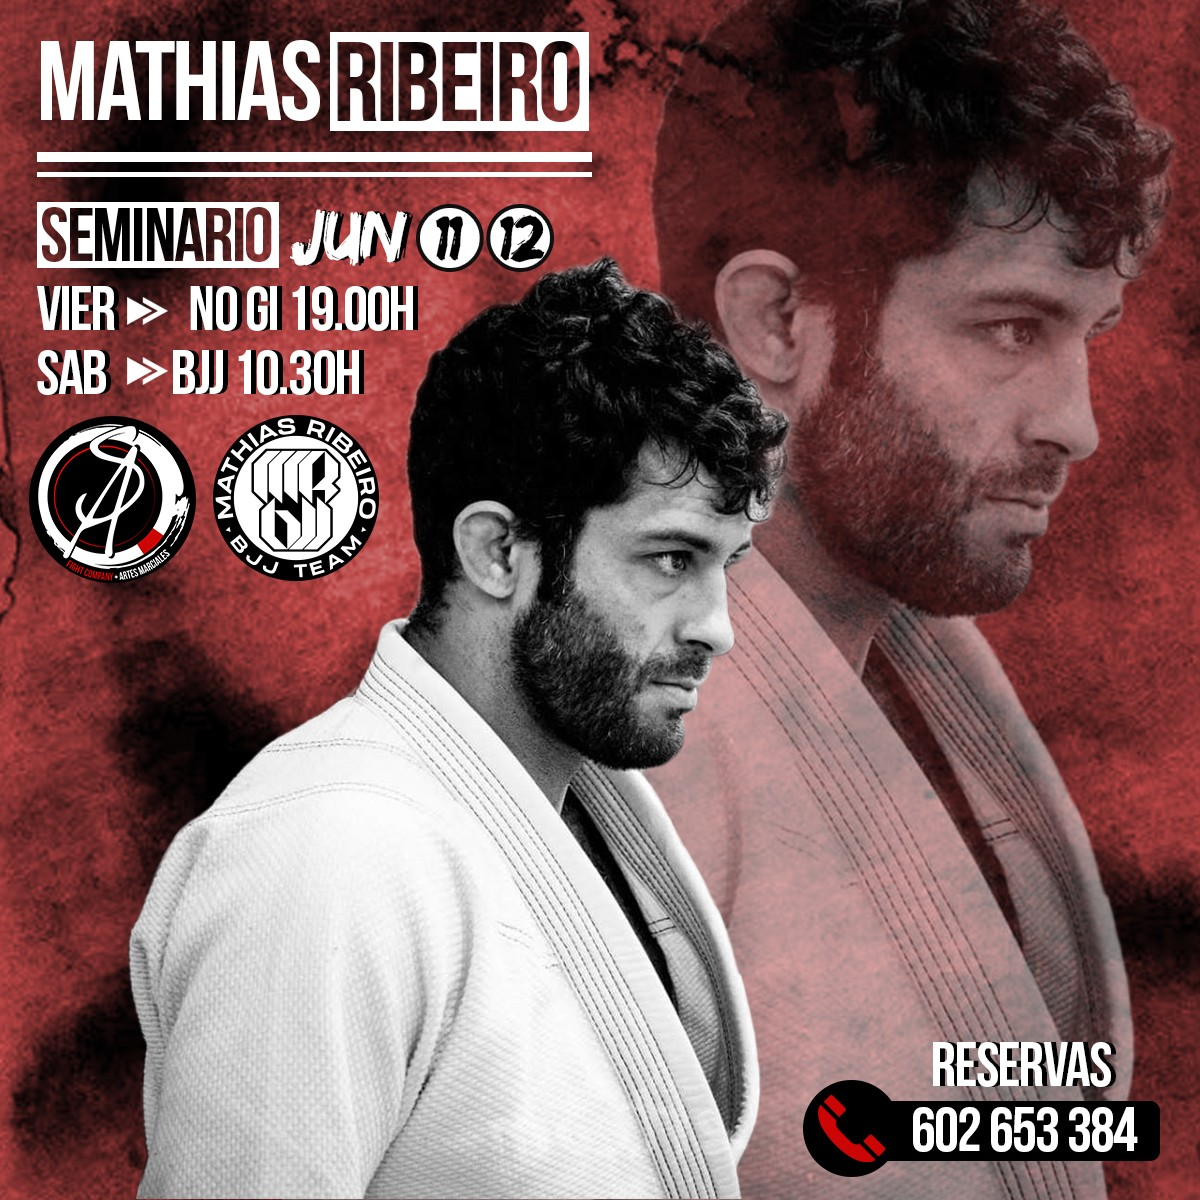 seminario mathias ribeiro en sa fight company